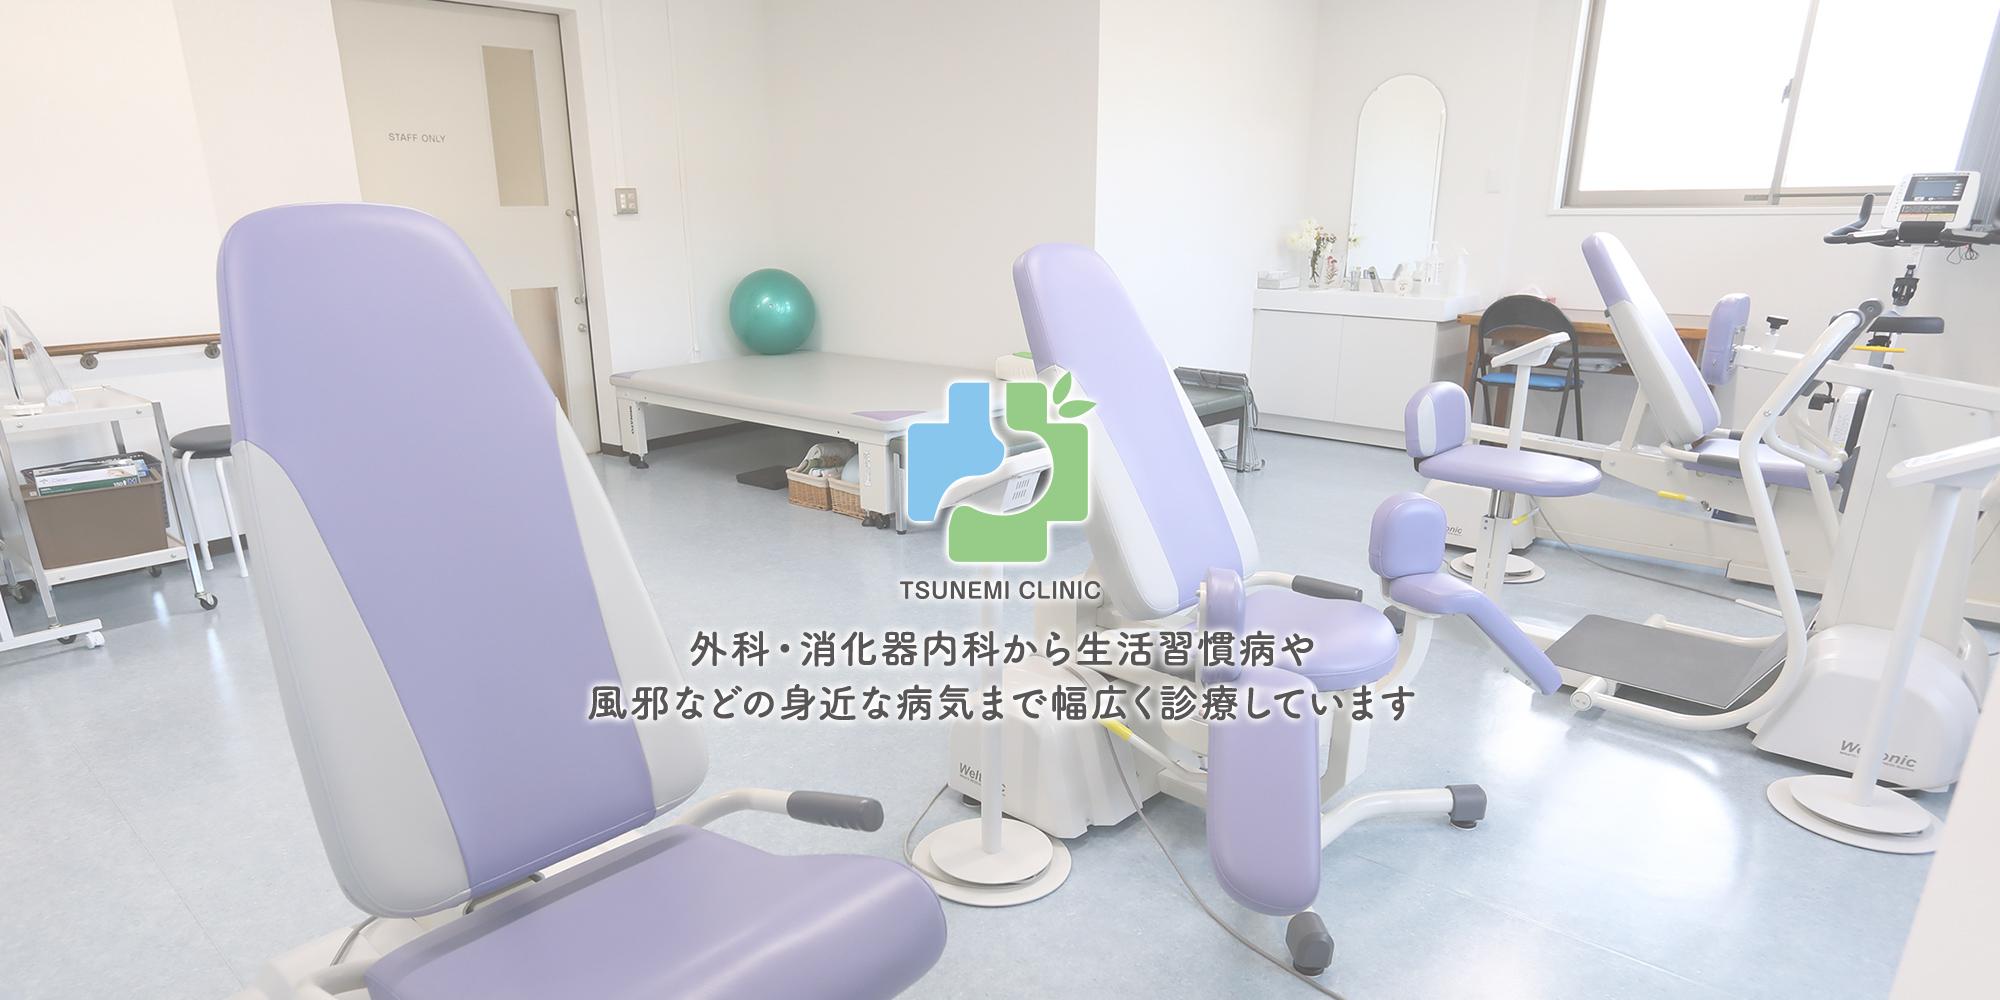 外科・消化器内科から生活習慣病や風邪などの身近な病気まで幅広く診療しています